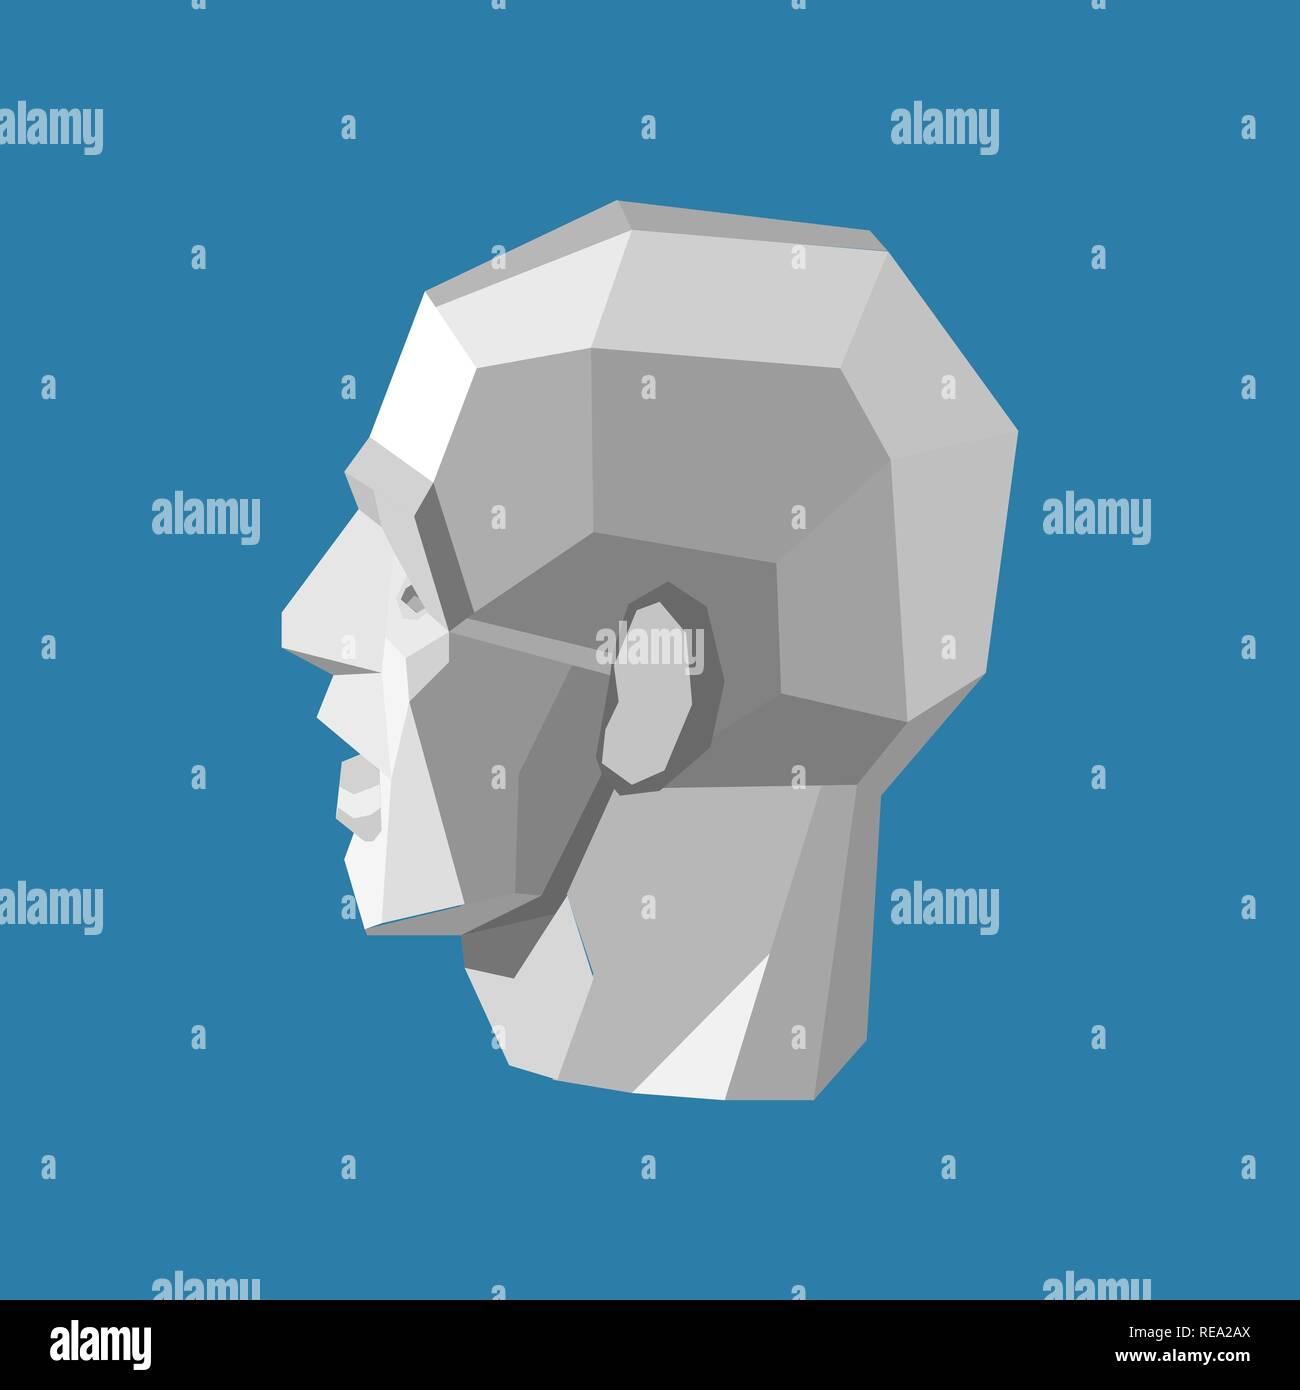 Abstrakt menschlichen Kopf stilisiert als Weiße triangulierten Skulptur auf blauem Hintergrund Stockbild